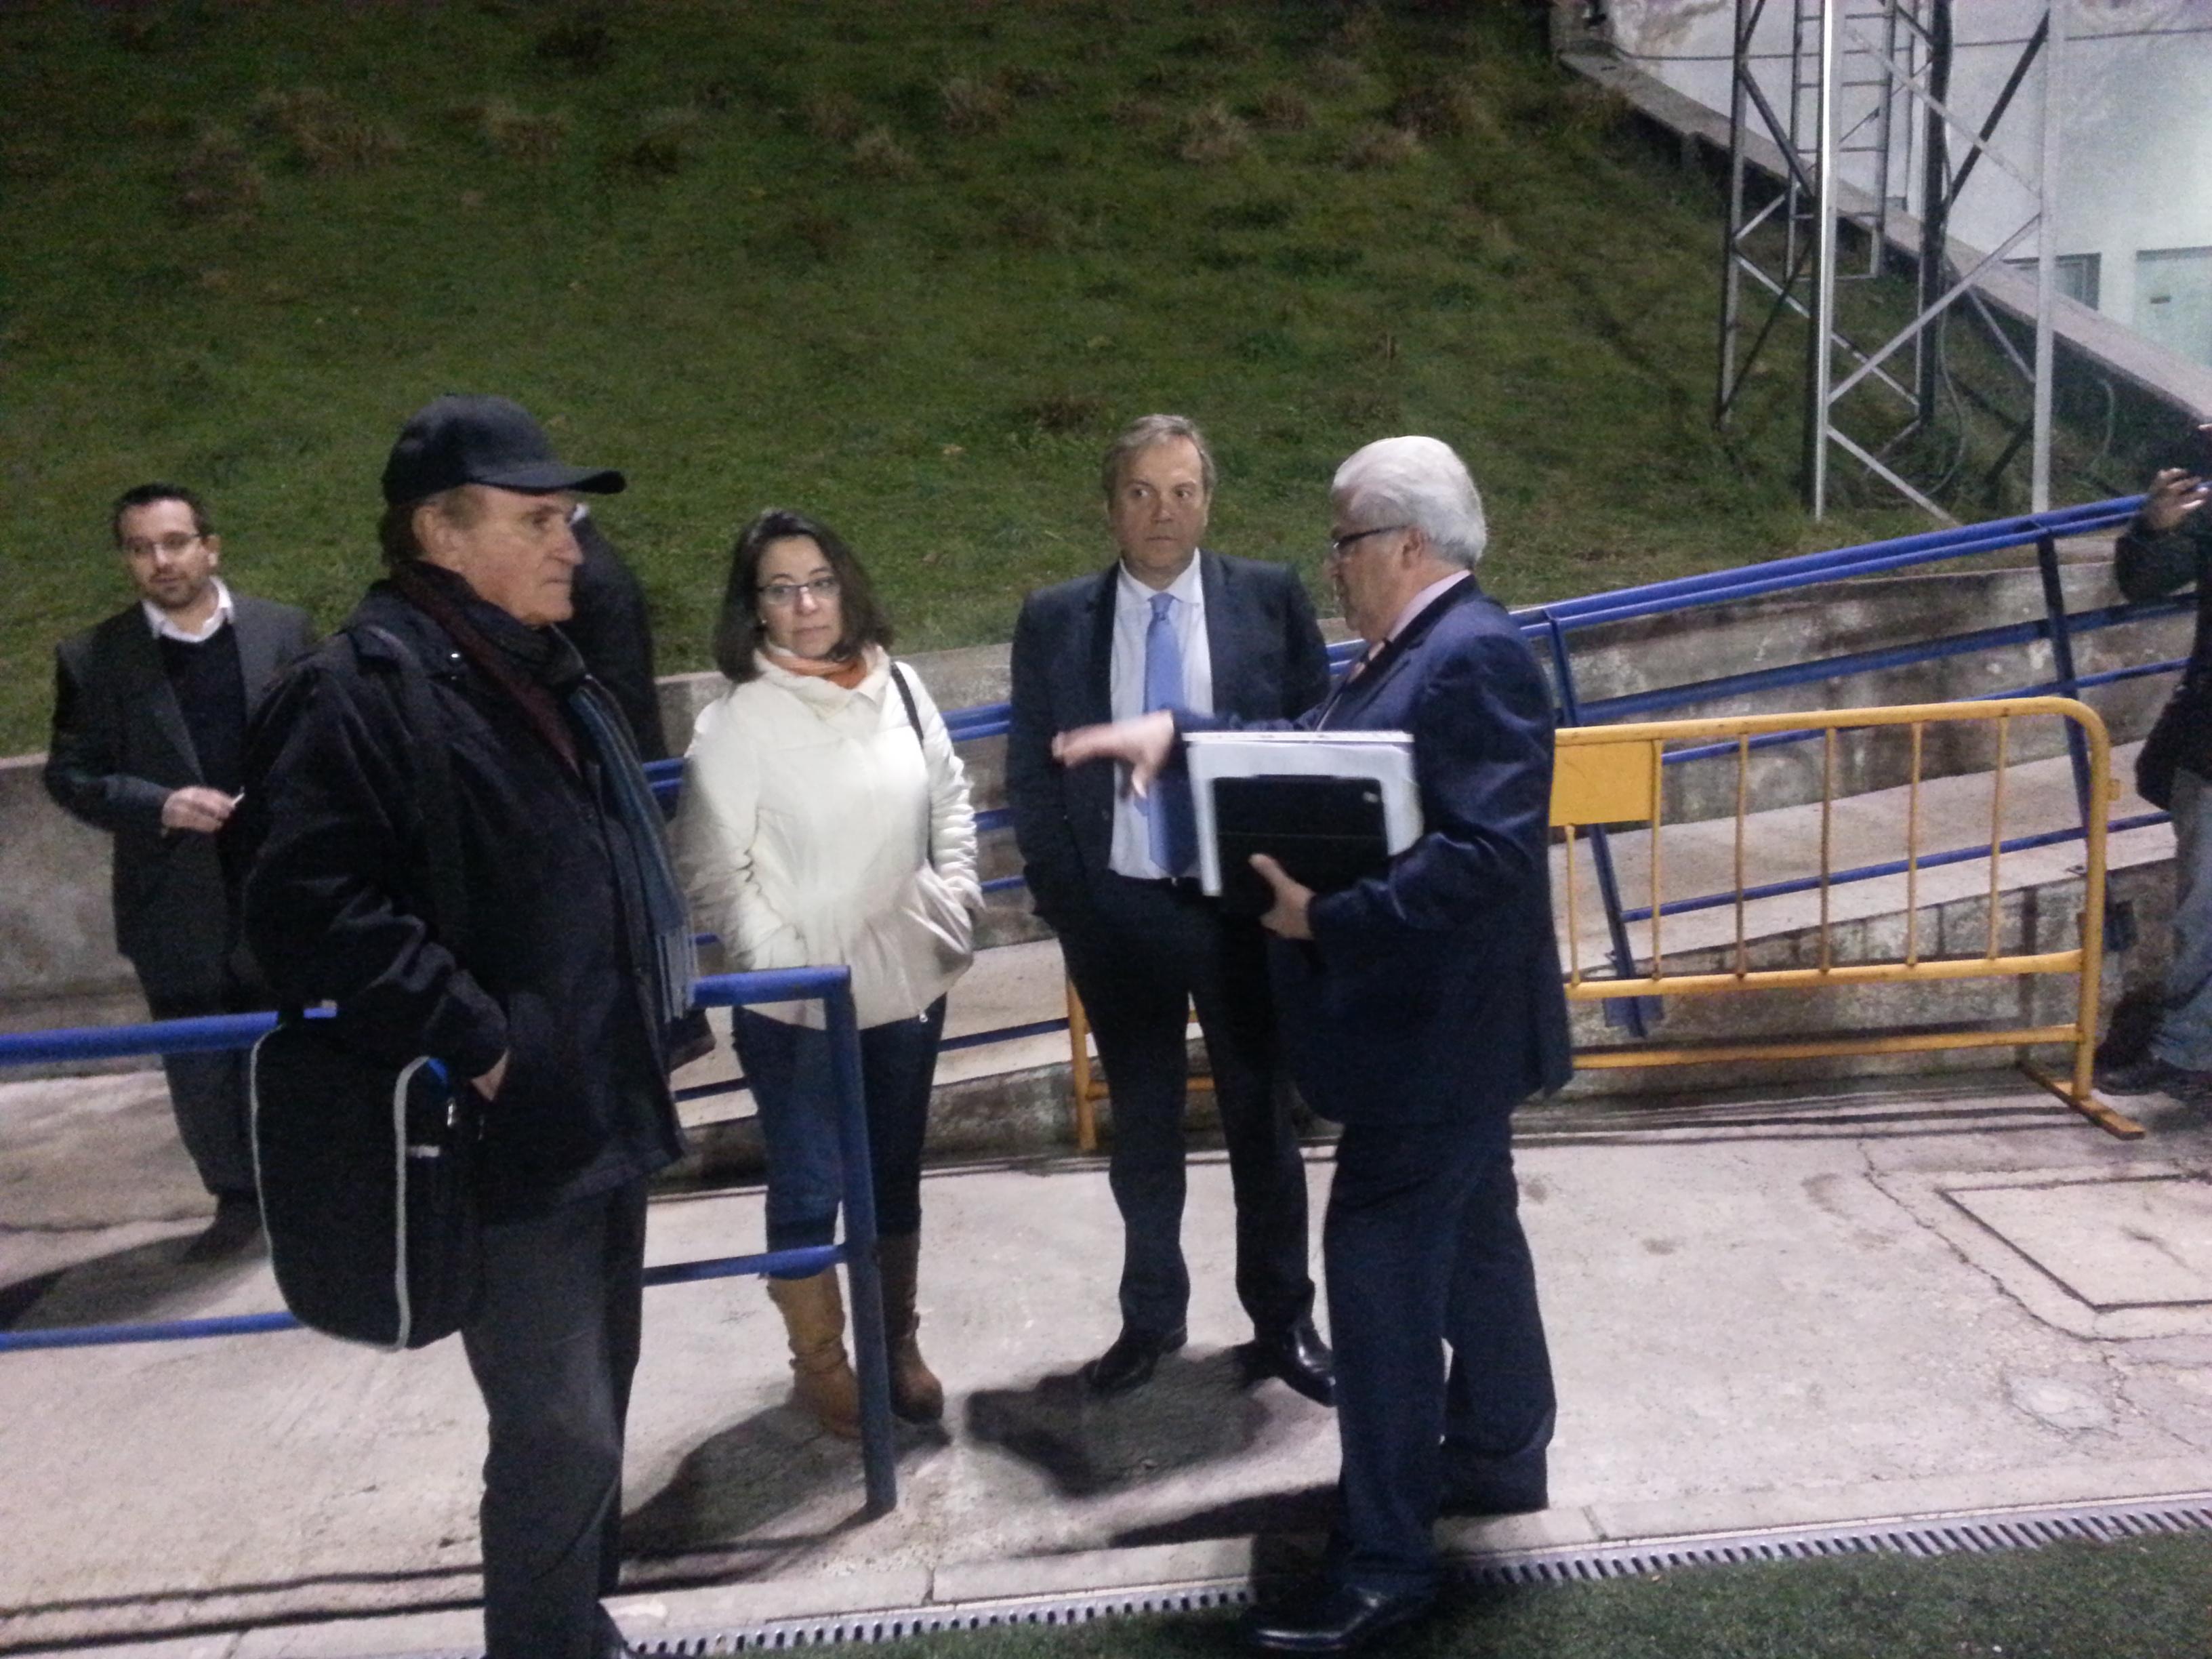 El candidato socialista a la alcaldía de Madrid, Antonio Miguel Carmona, visita la sede de la EDM